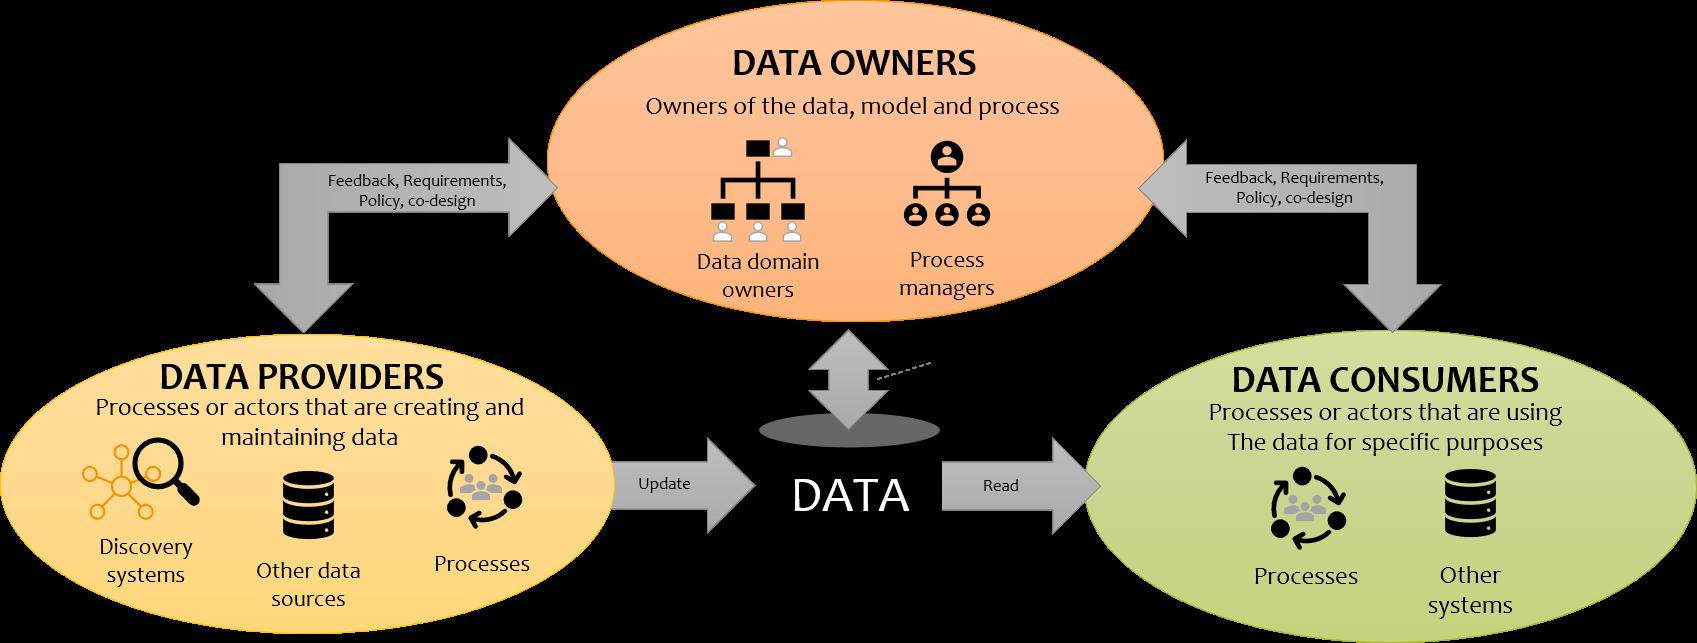 Consumer - Owner - Provider Model